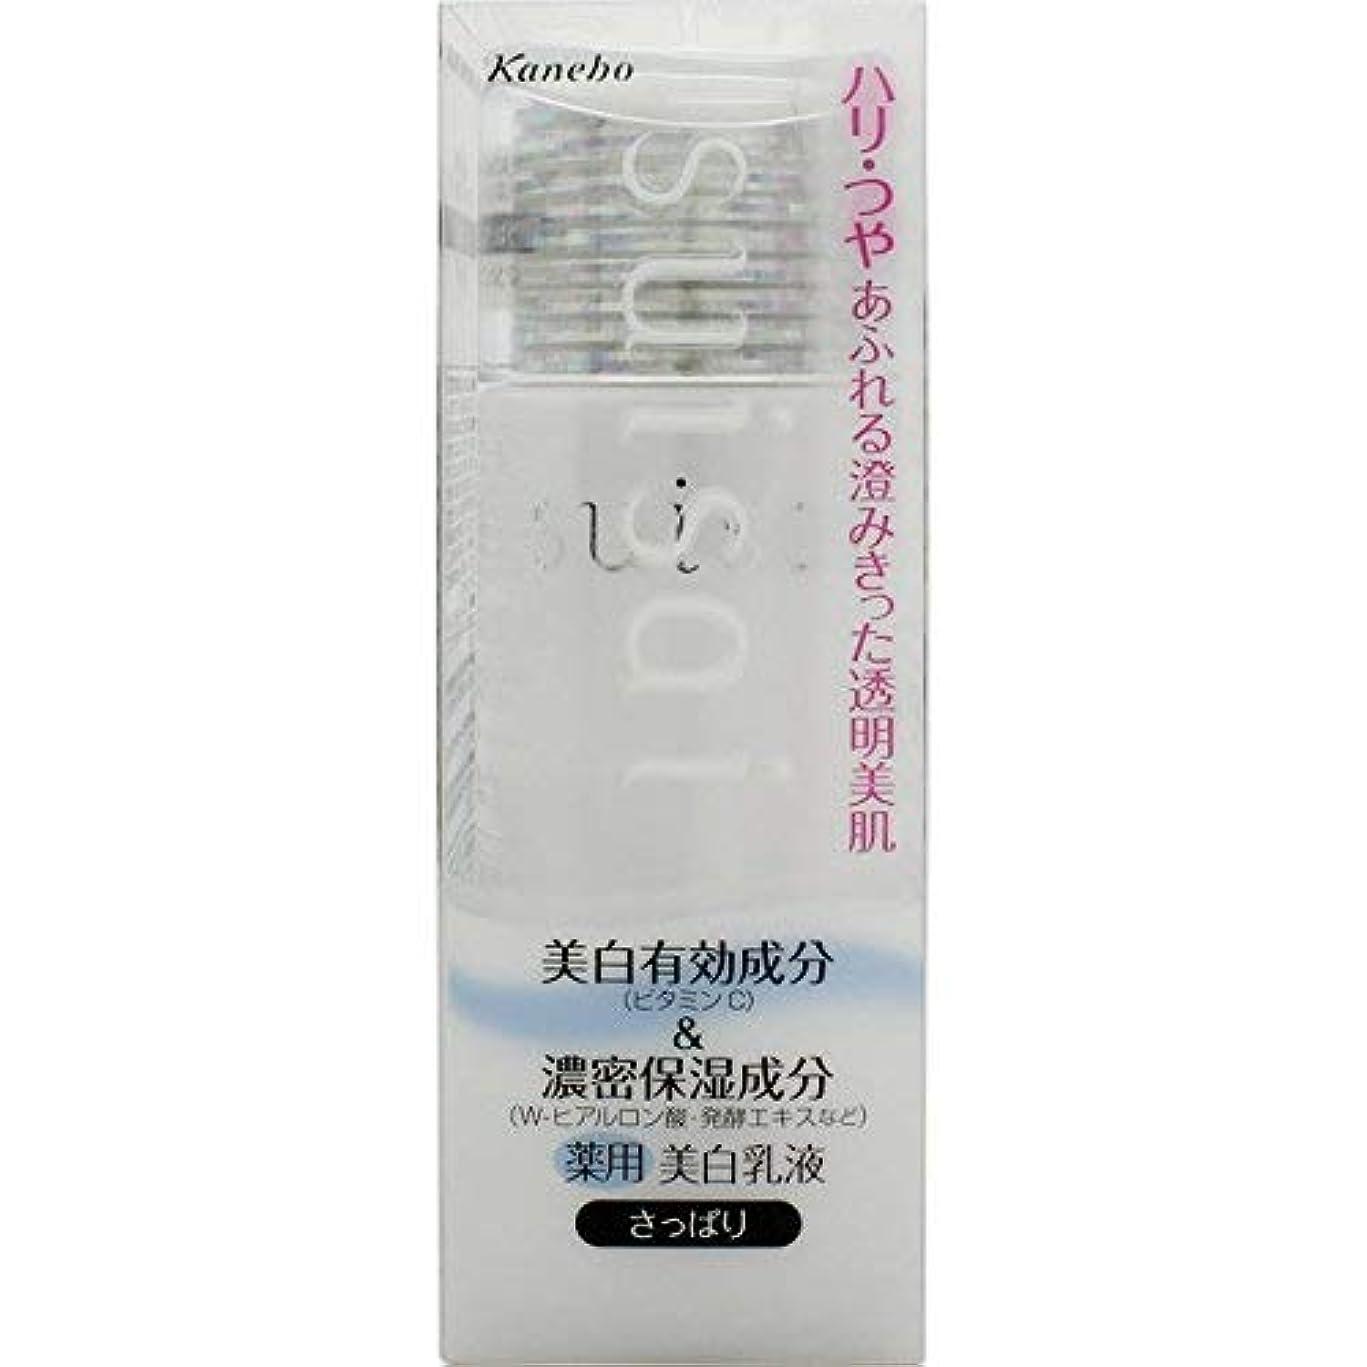 単なるステッチ結晶カネボウ suisai ホワイトニングエマルジョンI 100ml